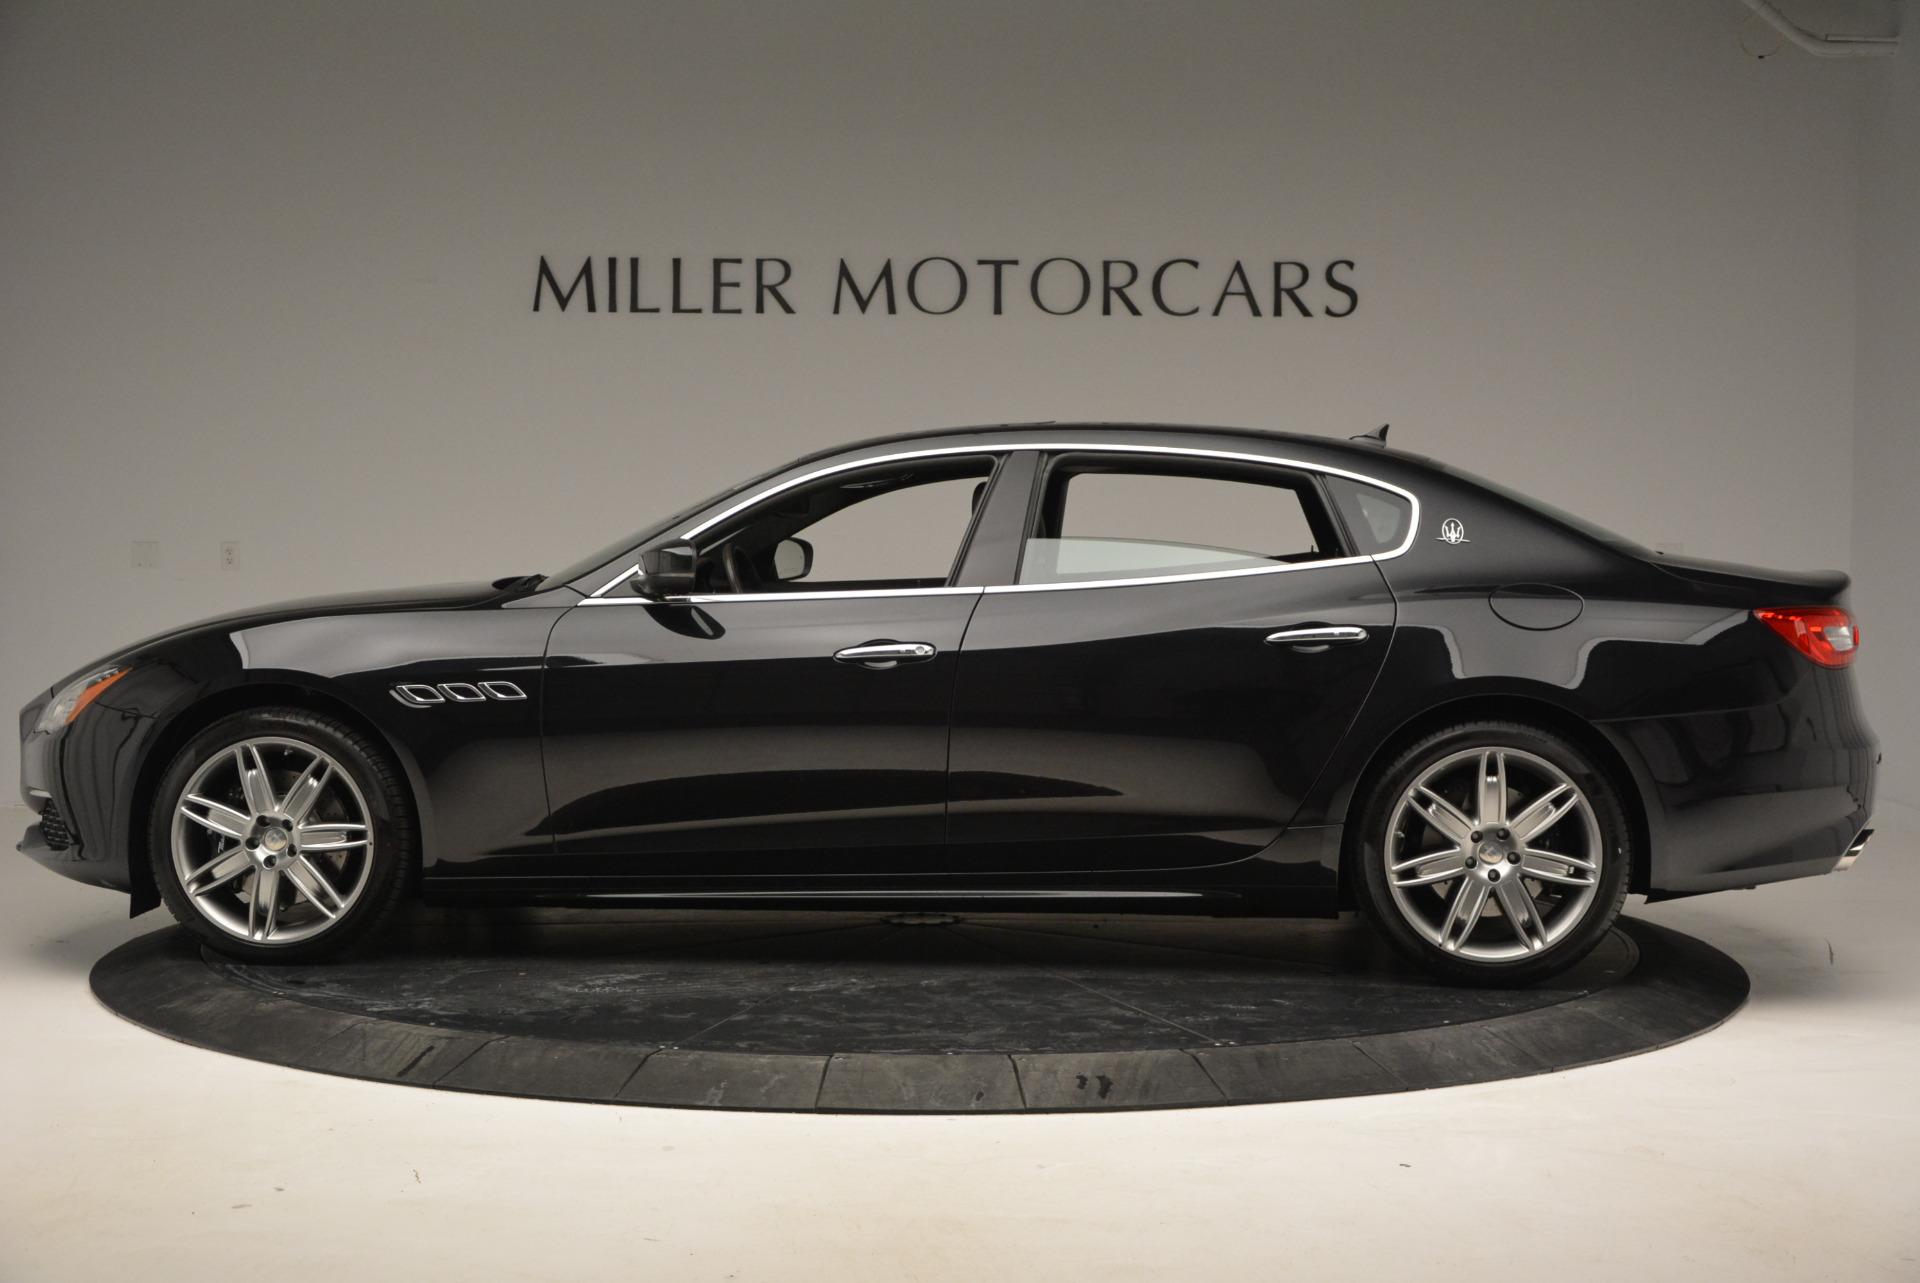 New 2017 Maserati Quattroporte S Q4 GranLusso For Sale In Greenwich, CT 793_p3